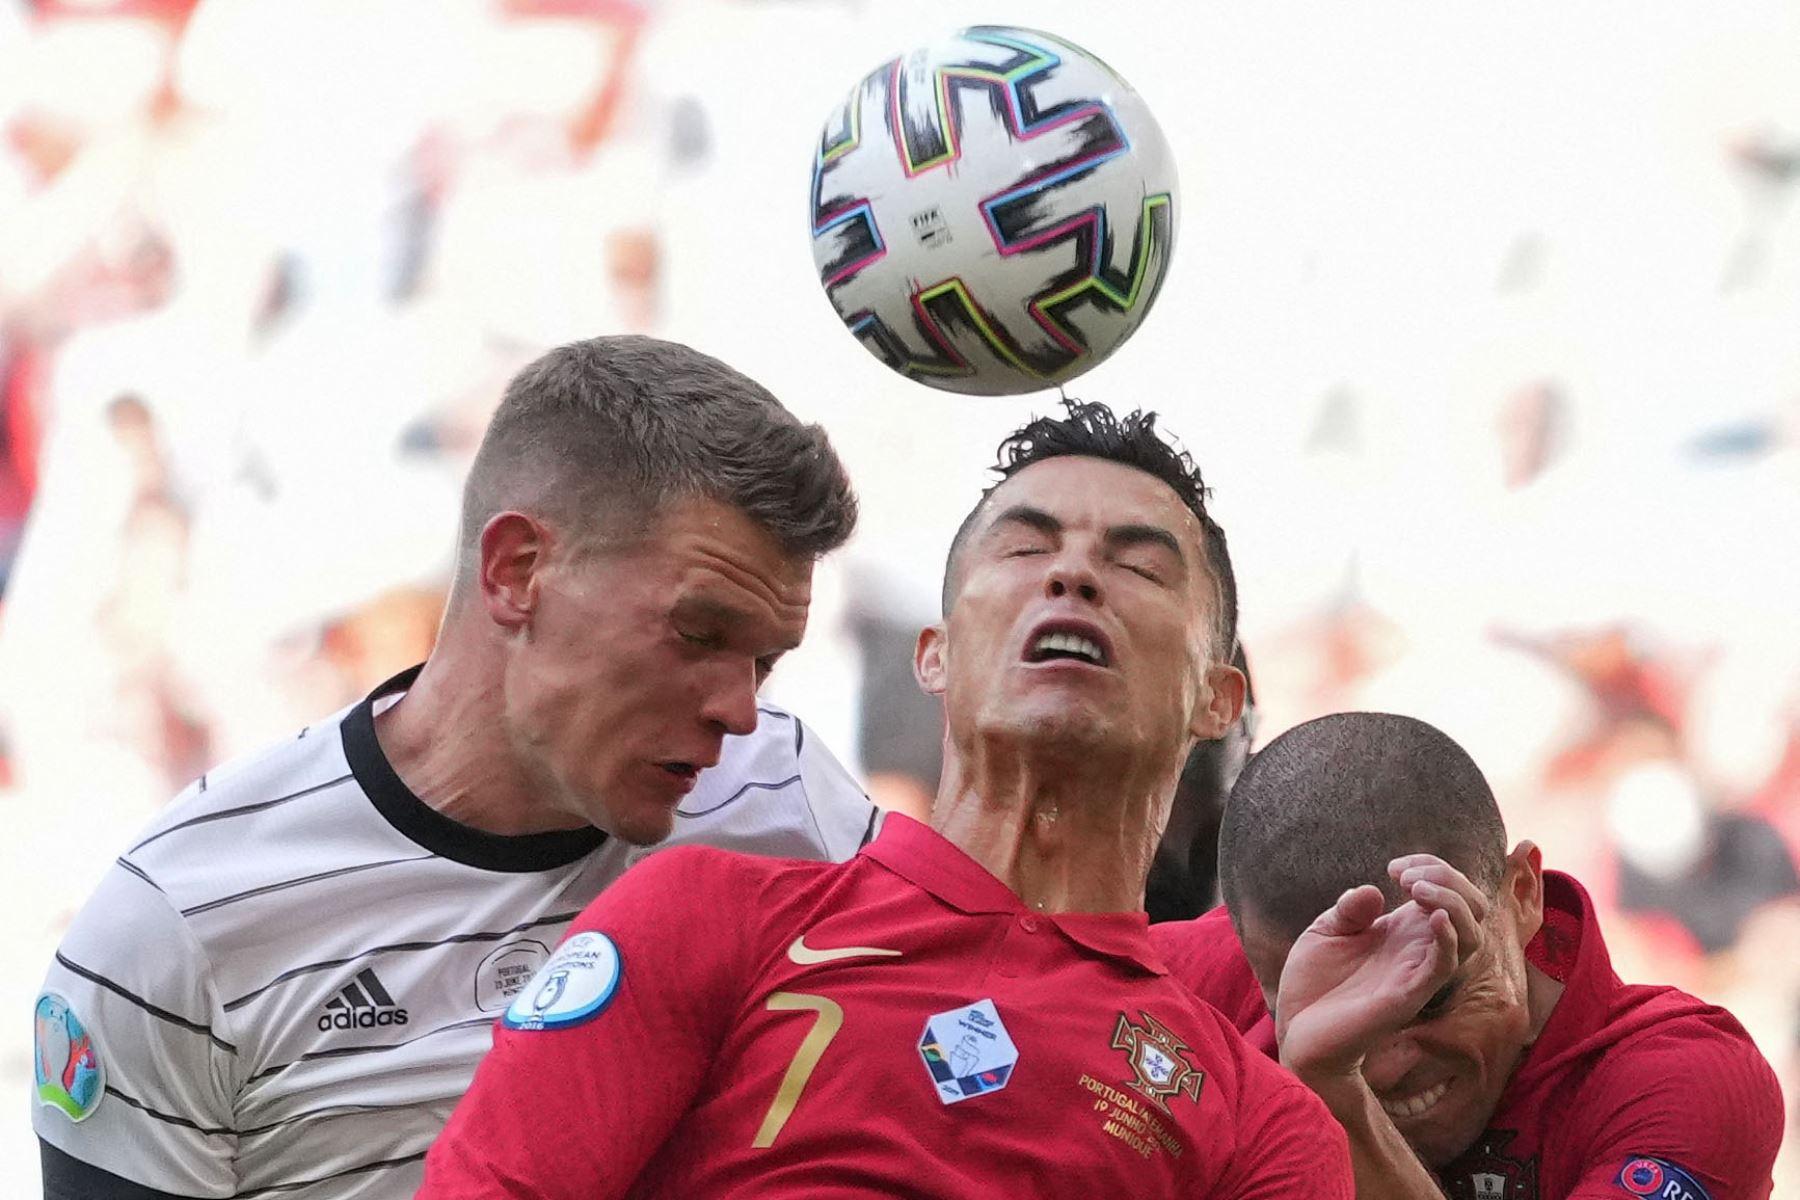 El delantero portugués Cristiano Ronaldo  sube de cabeza contra el defensor alemán Matthias Ginter durante el partido de fútbol del Grupo F de la UEFA EURO 2020 entre Portugal y Alemania en el Allianz Arena de Múnich. Foto : AFP